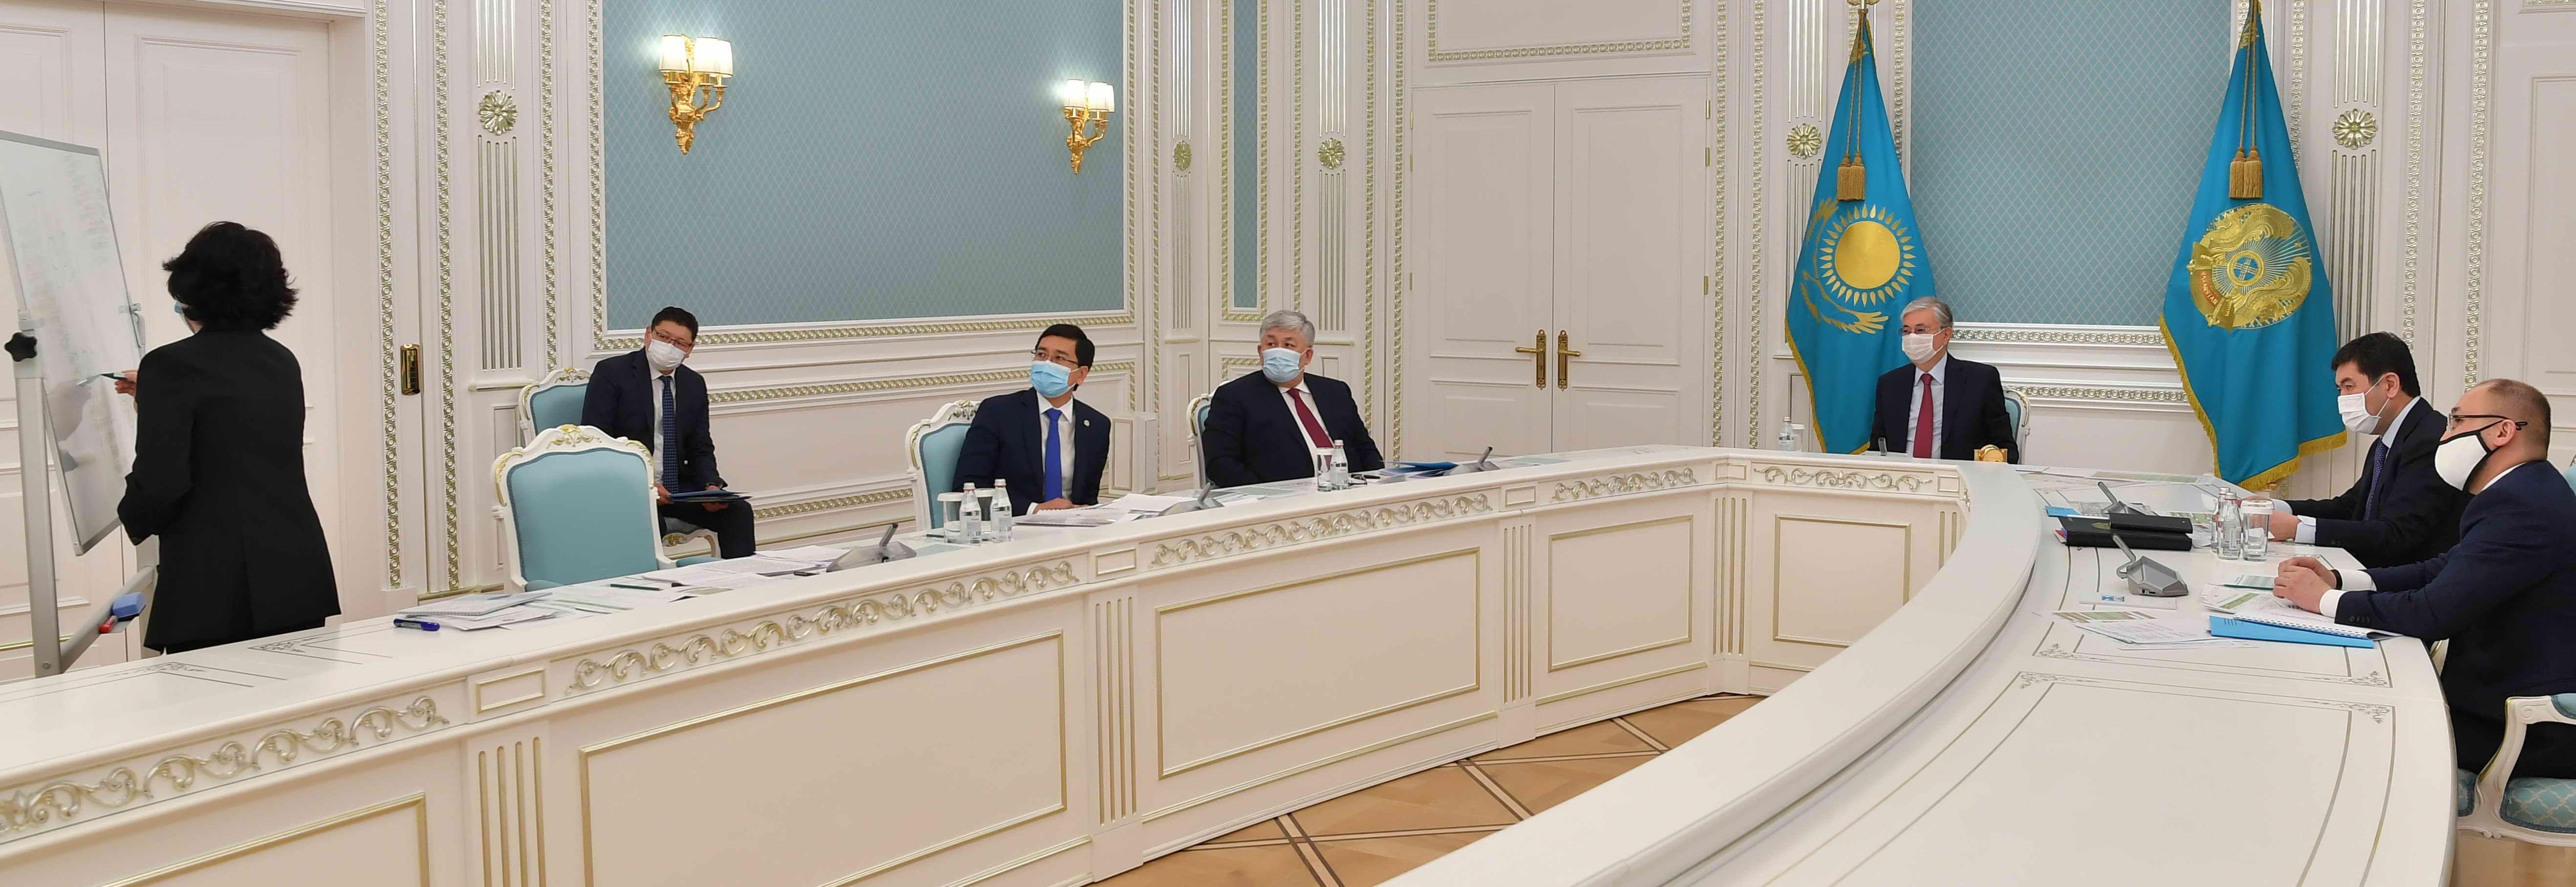 Президенту представили проект алфавита на латинице- Kapital.kz